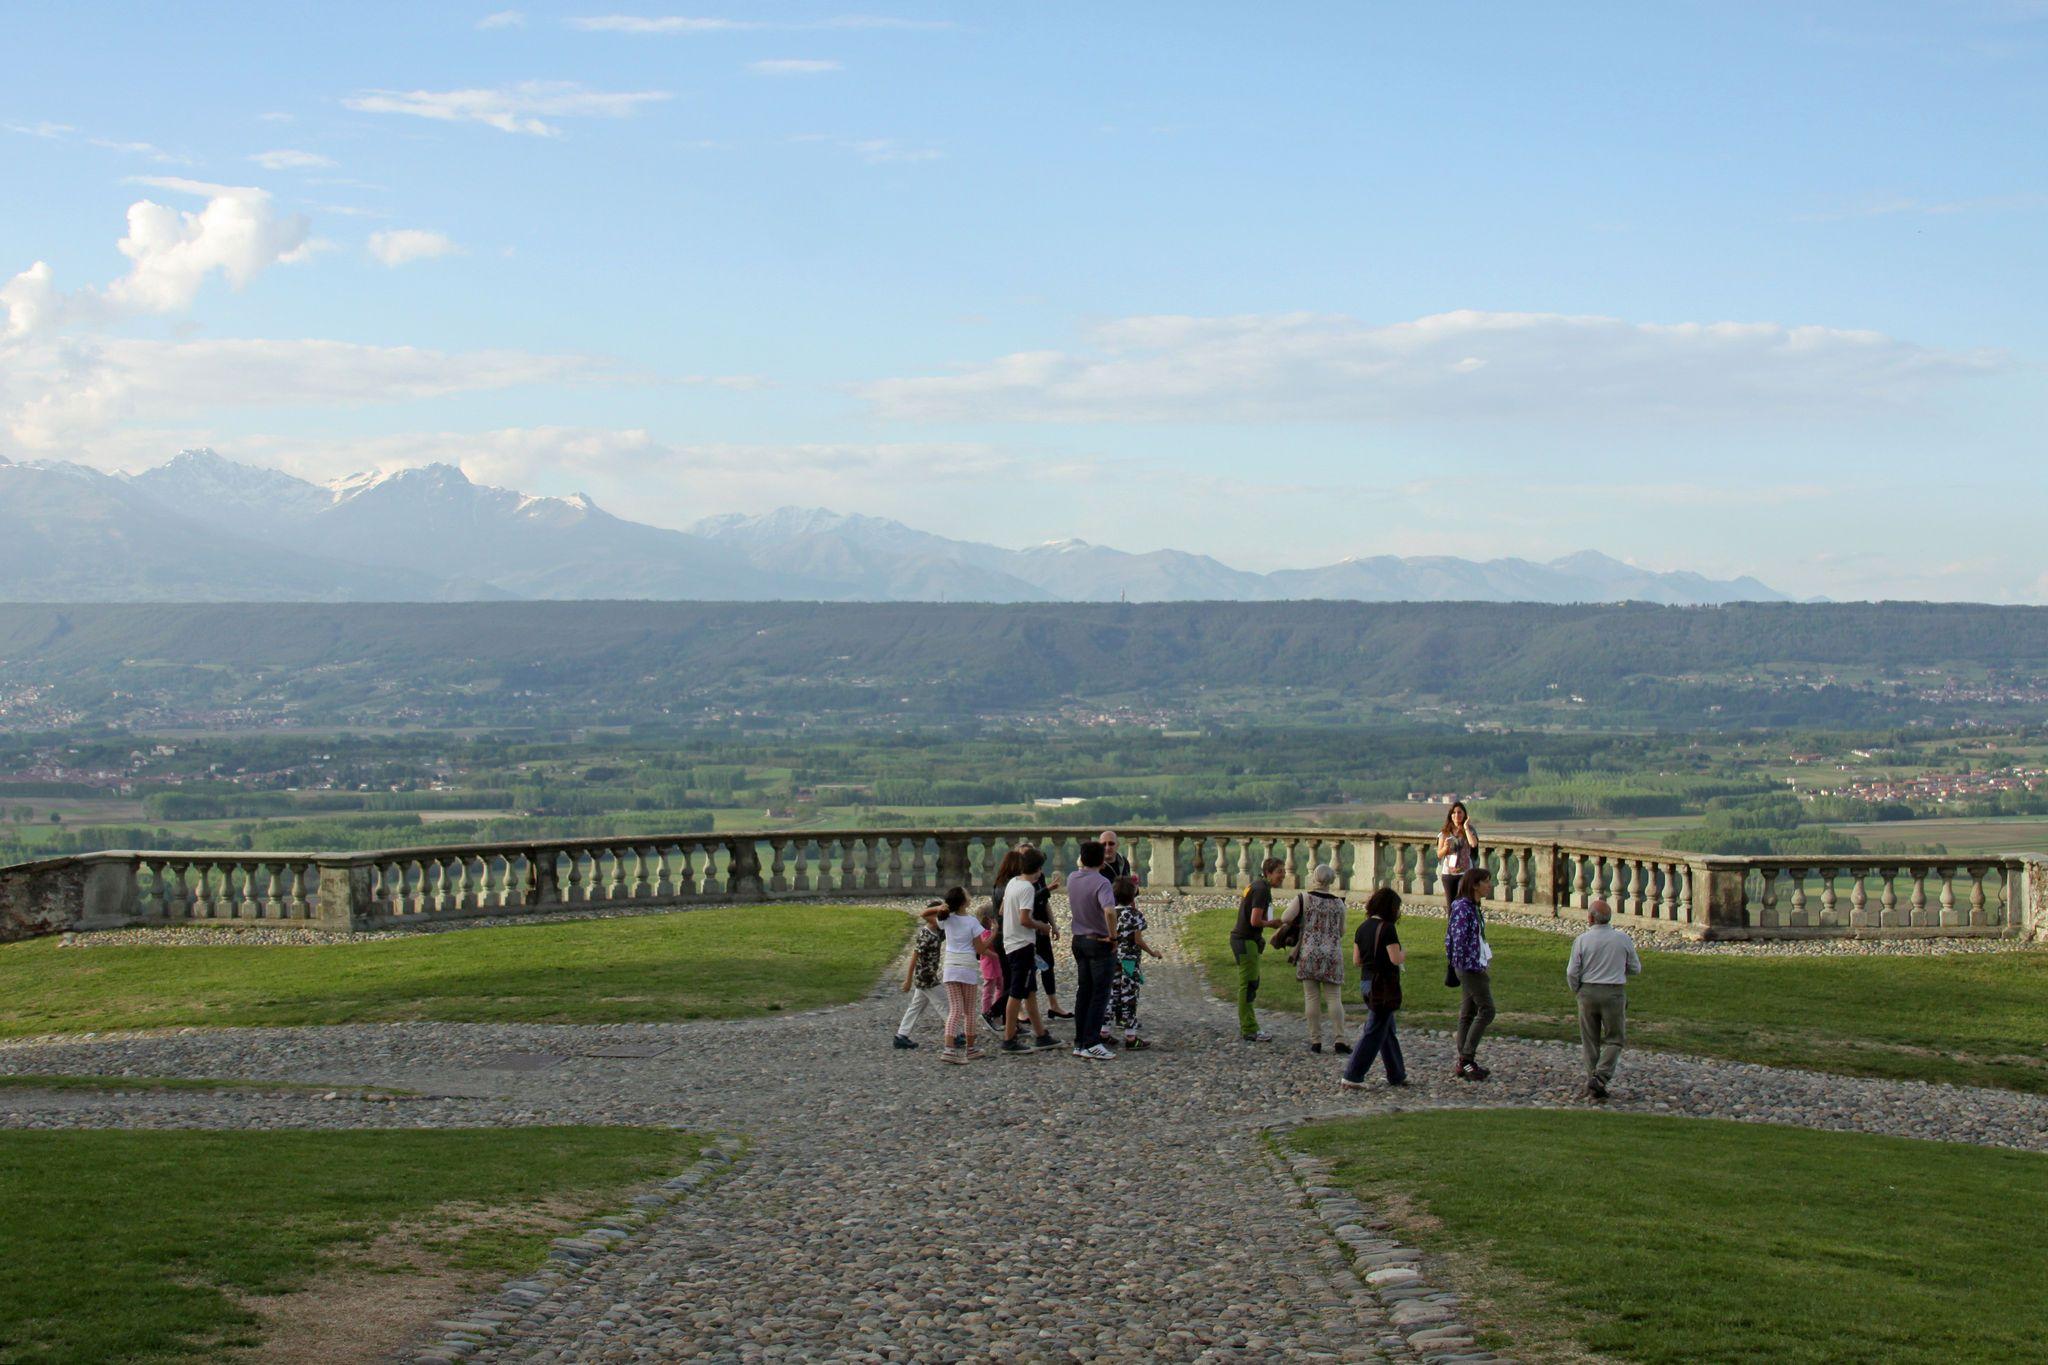 MASINO - Il 15 settembre la «Giornata del Panorama» Fai al castello